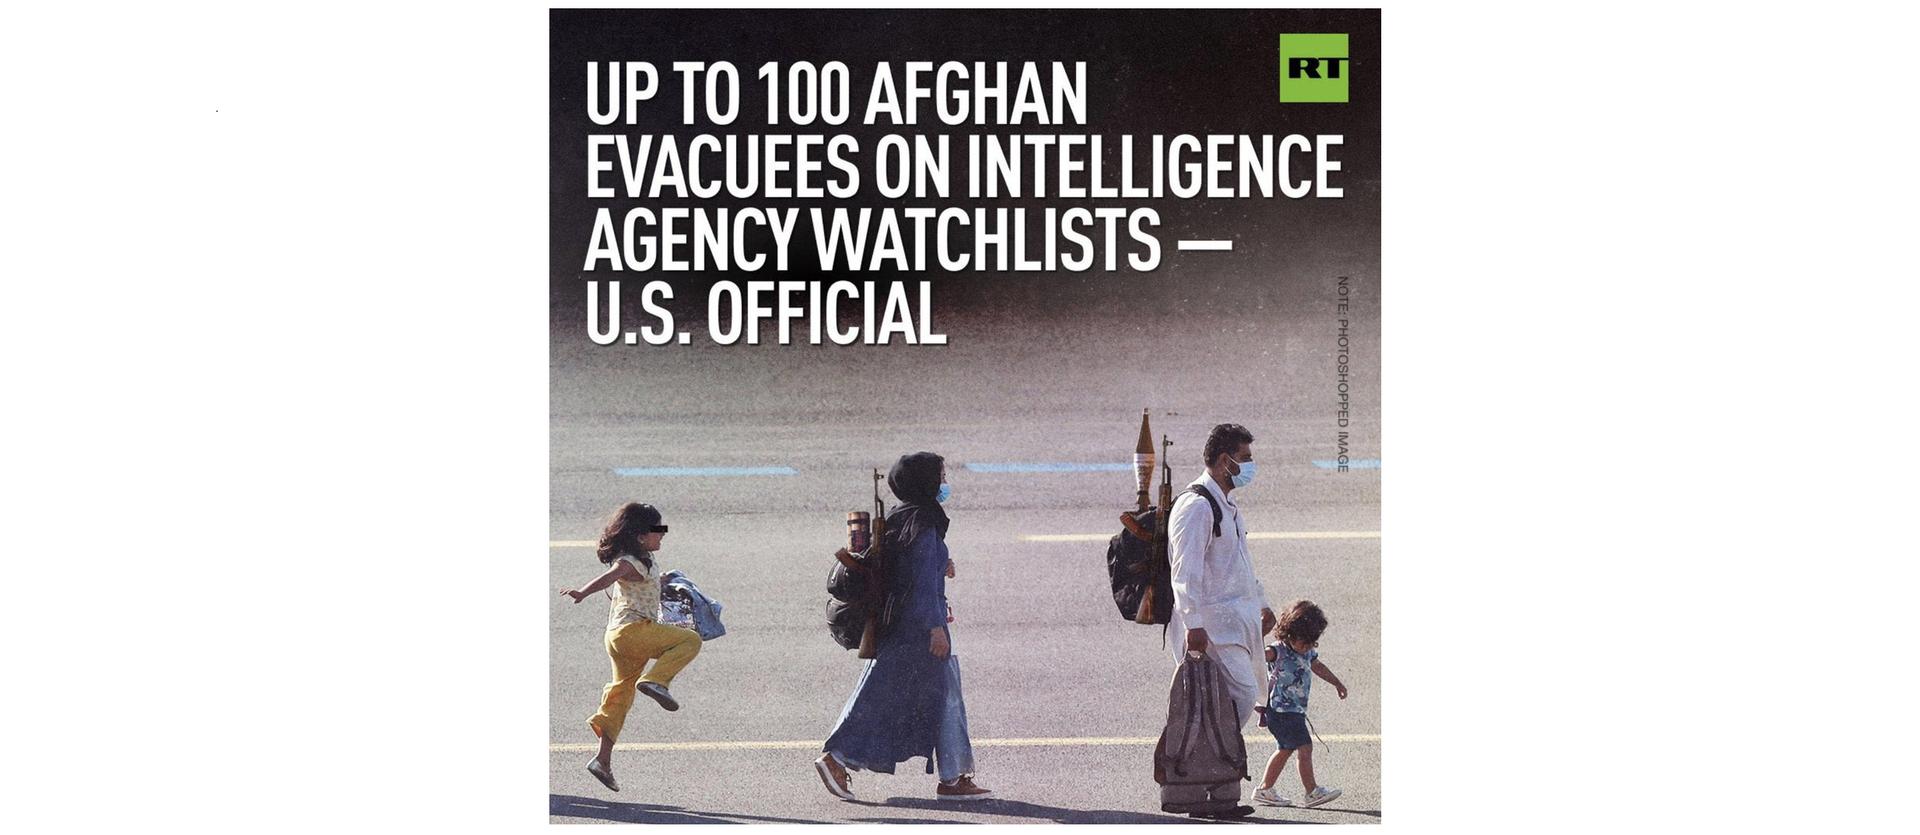 RT.com s'explique à la suite des critiques soulevées par un photomontage sur des réfugiés afghans